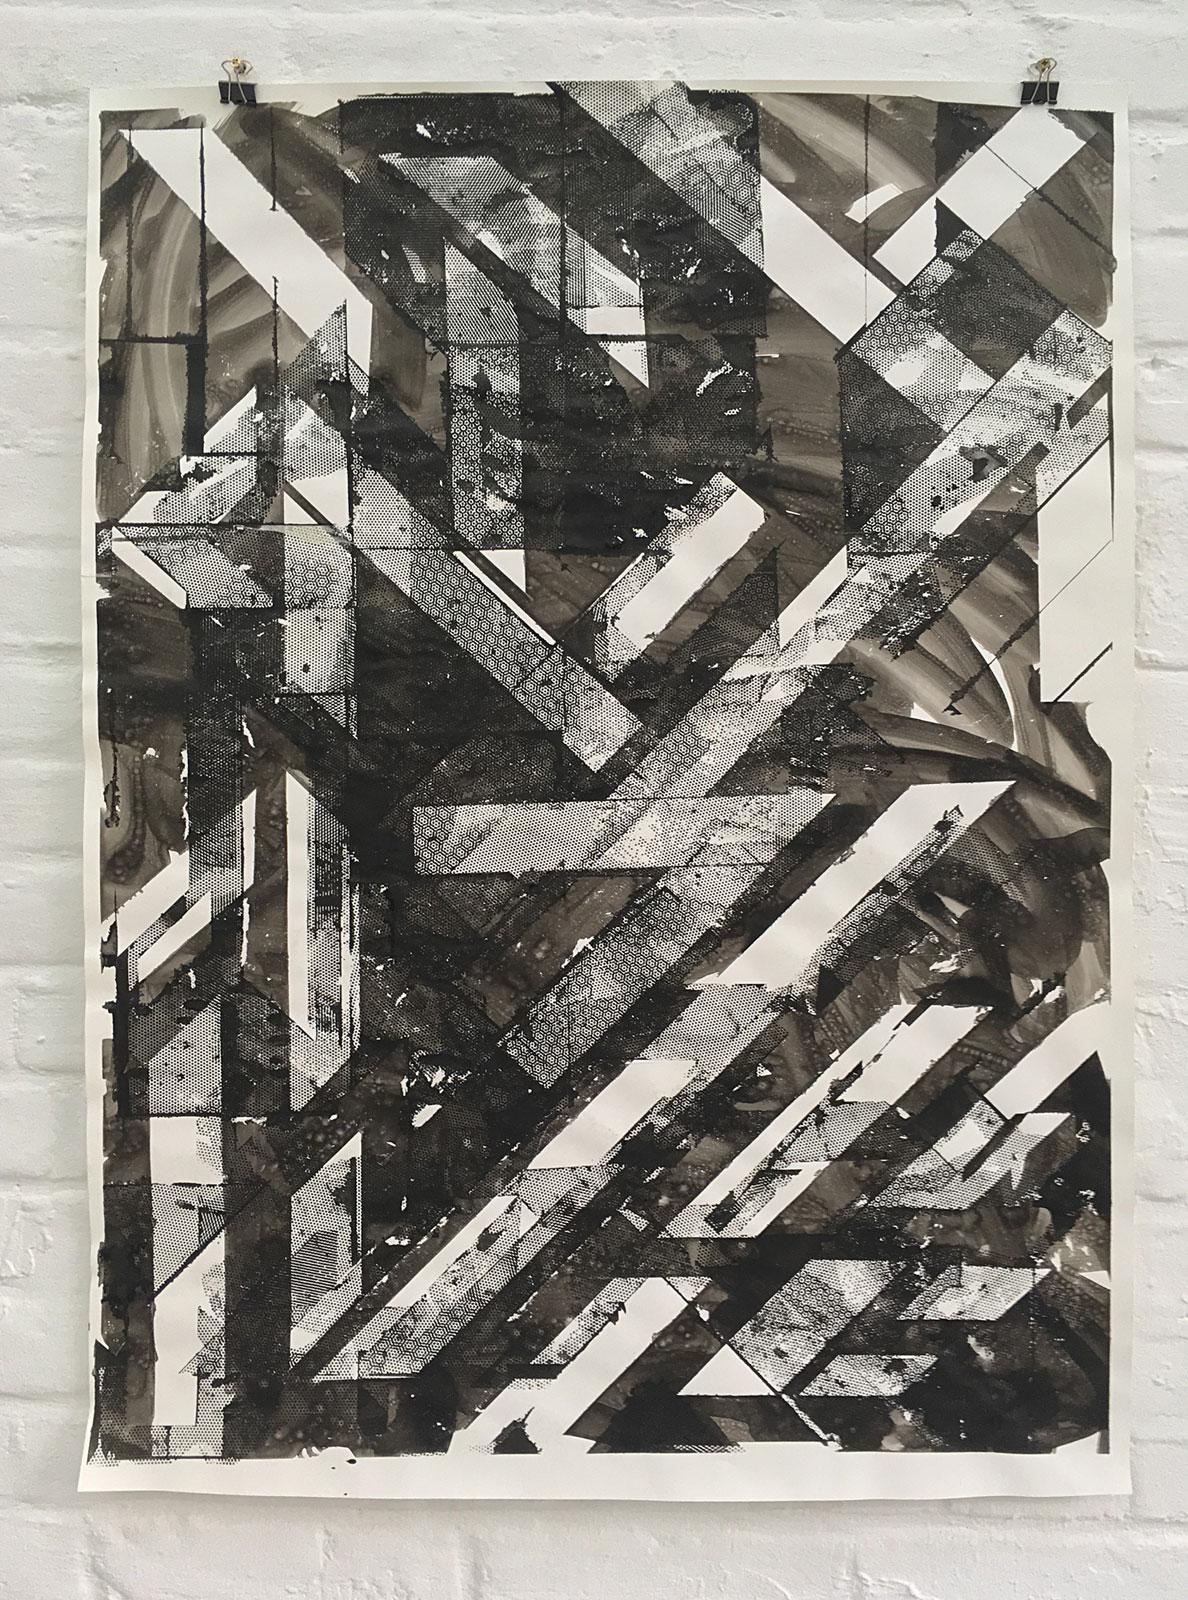 Burkhard Mönnich, Mesh #101, Tusche auf Papier, 102 x 73 cm, 2017 ©Der Künstler